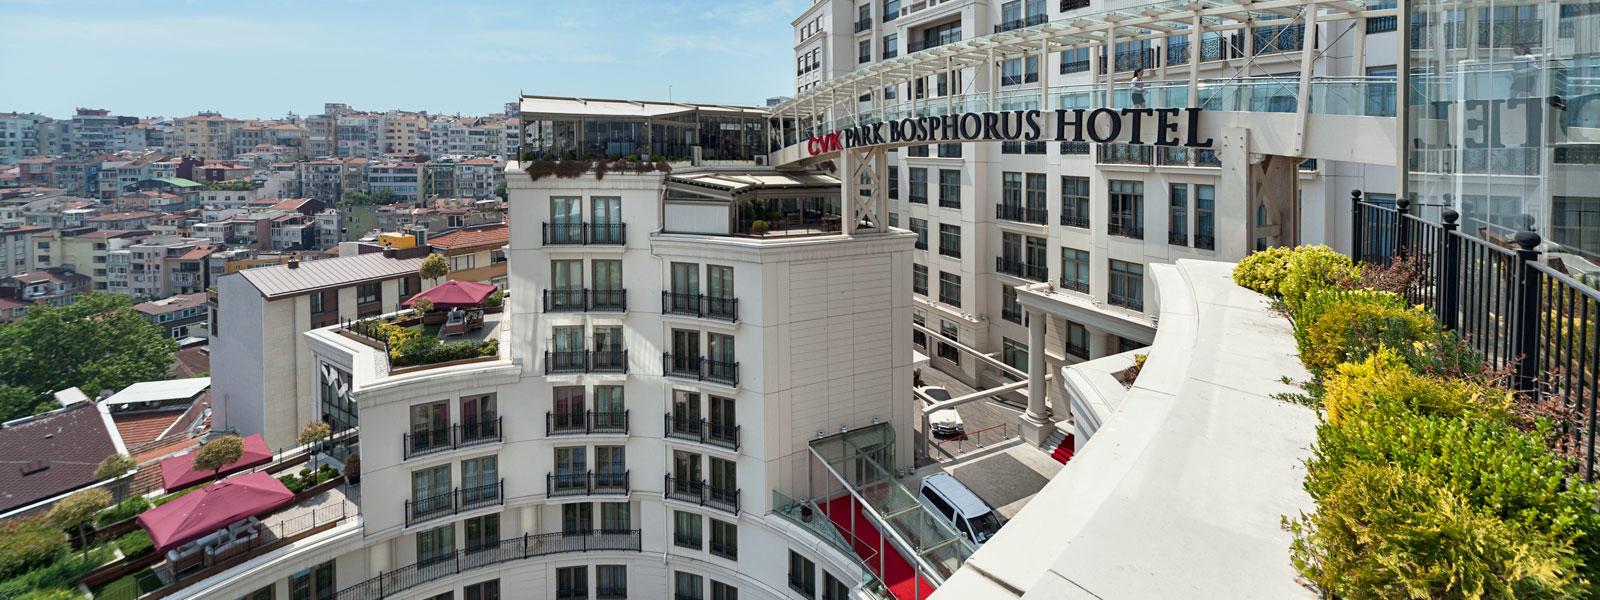 CVK Taksim Hotel in Istanbul